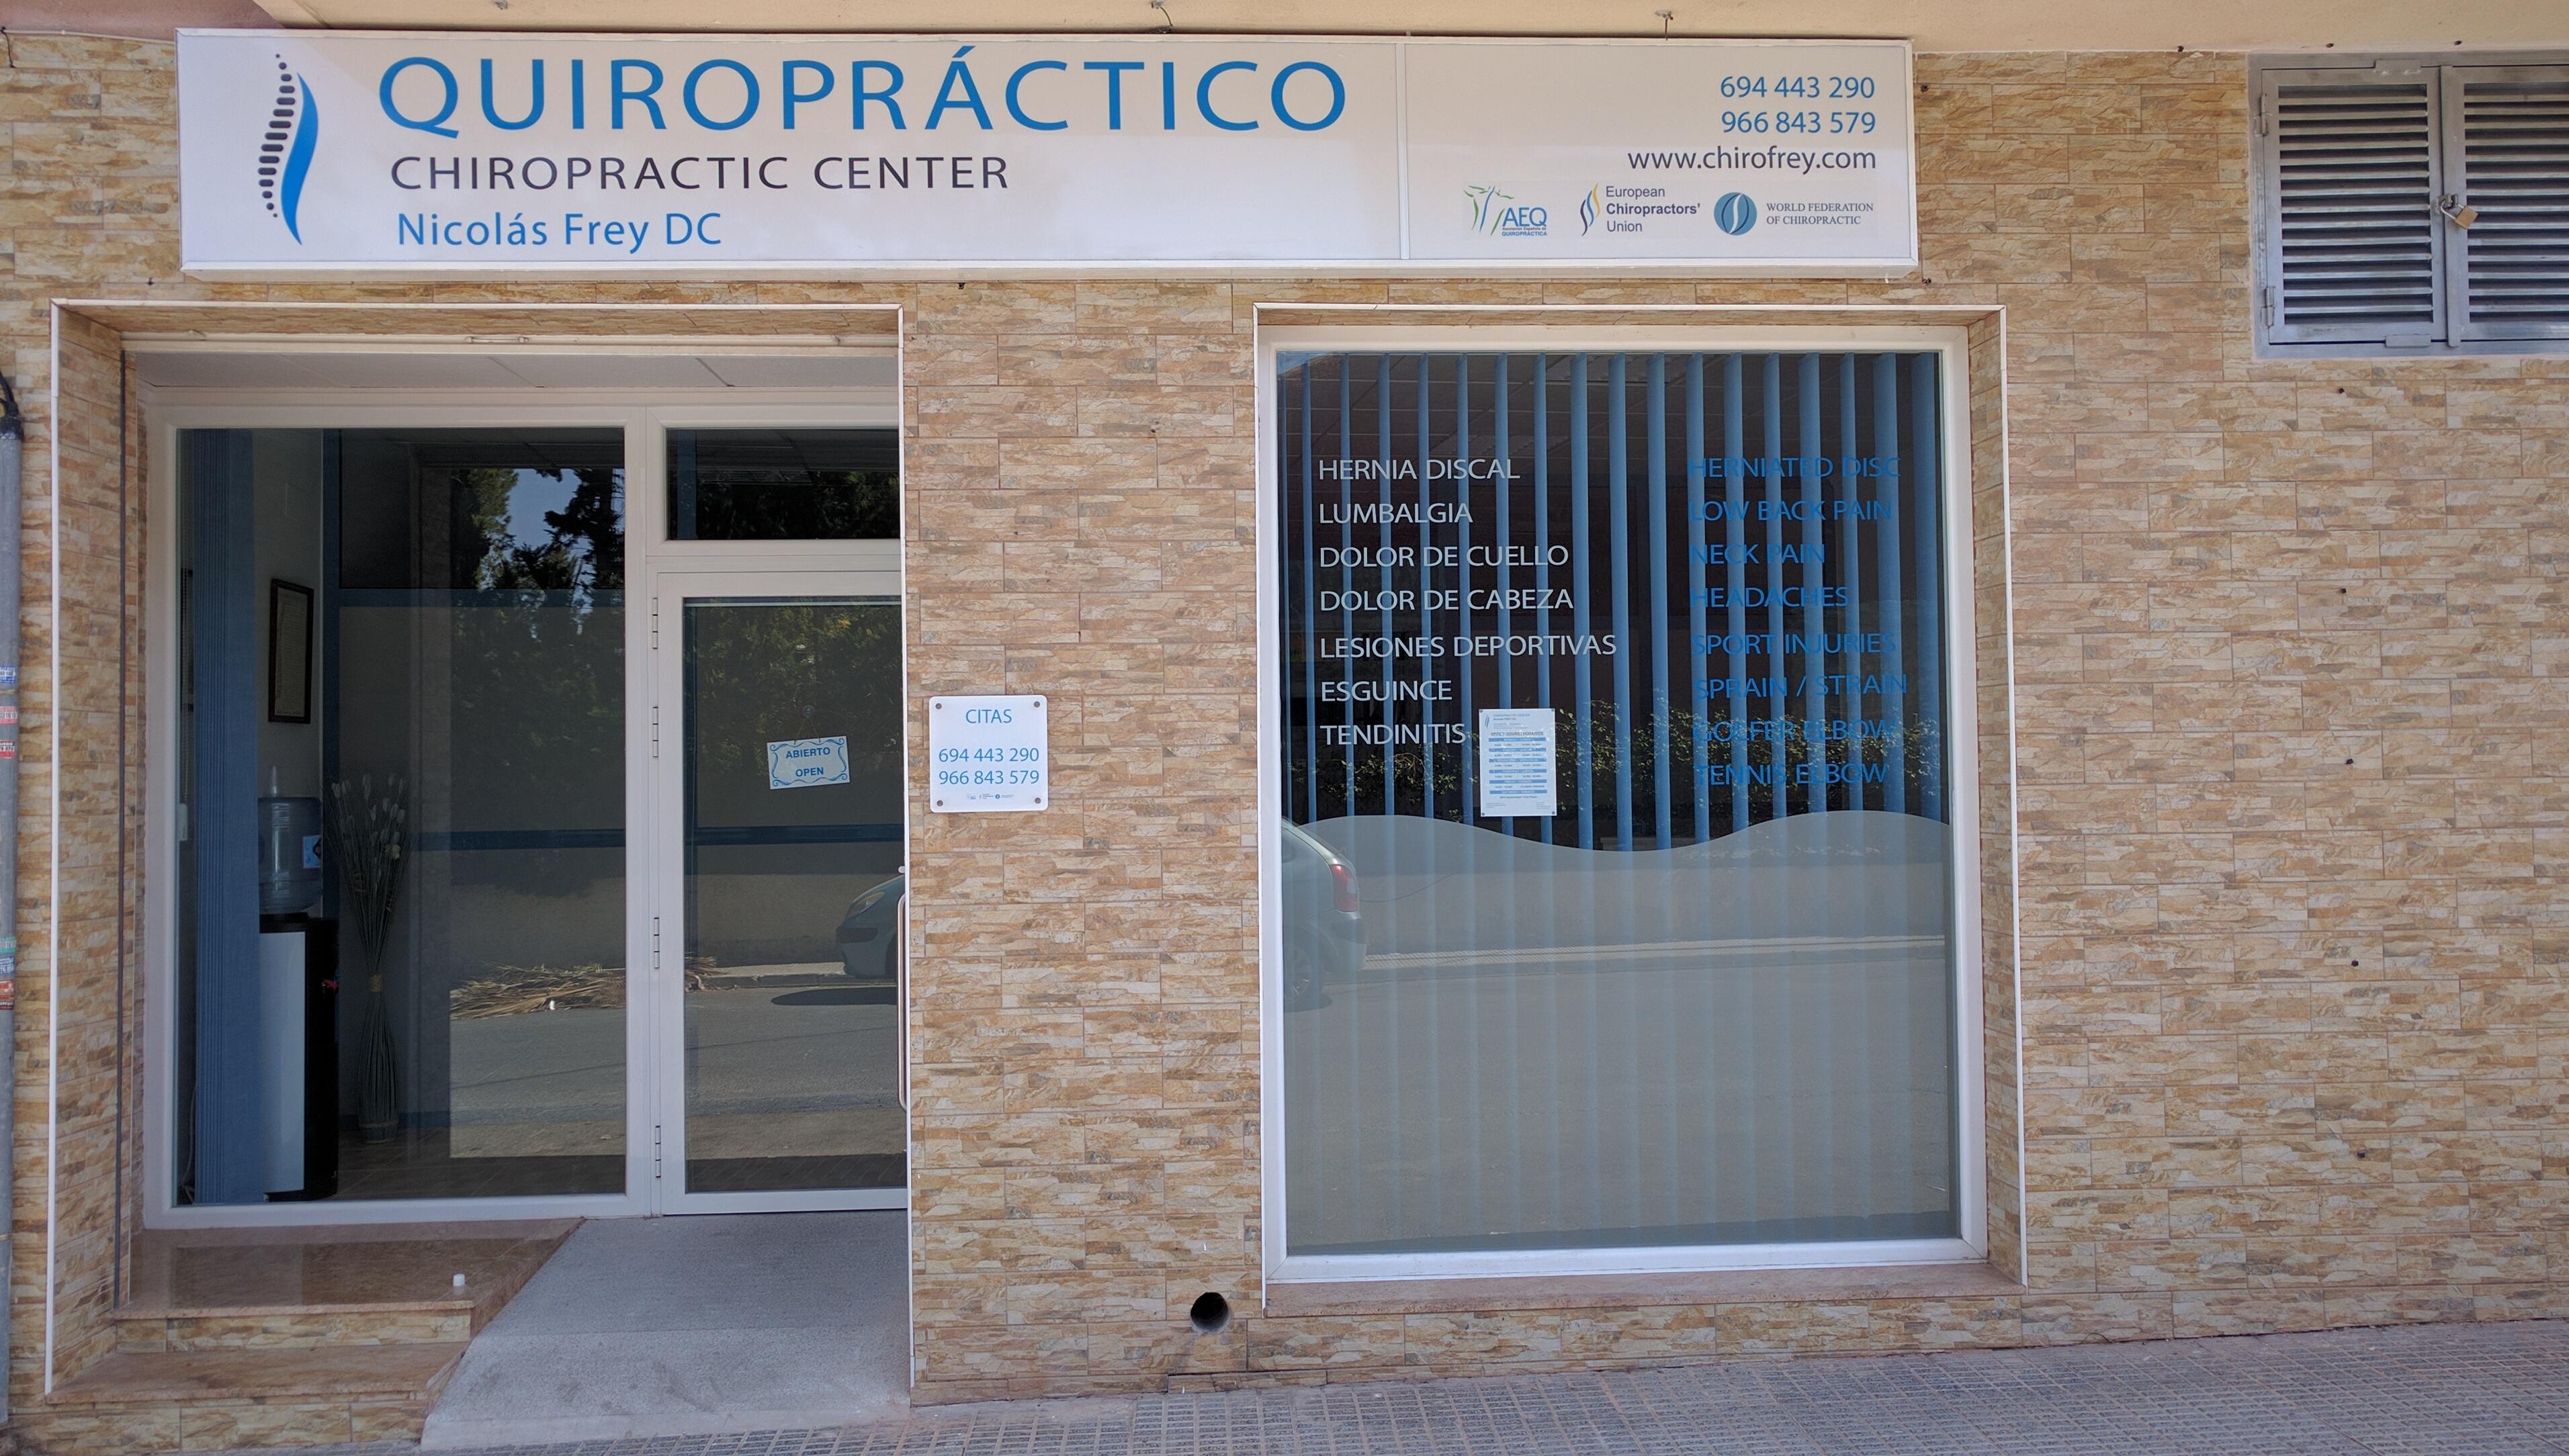 chiropractors in costa blanca costa blanca forum costa blanca